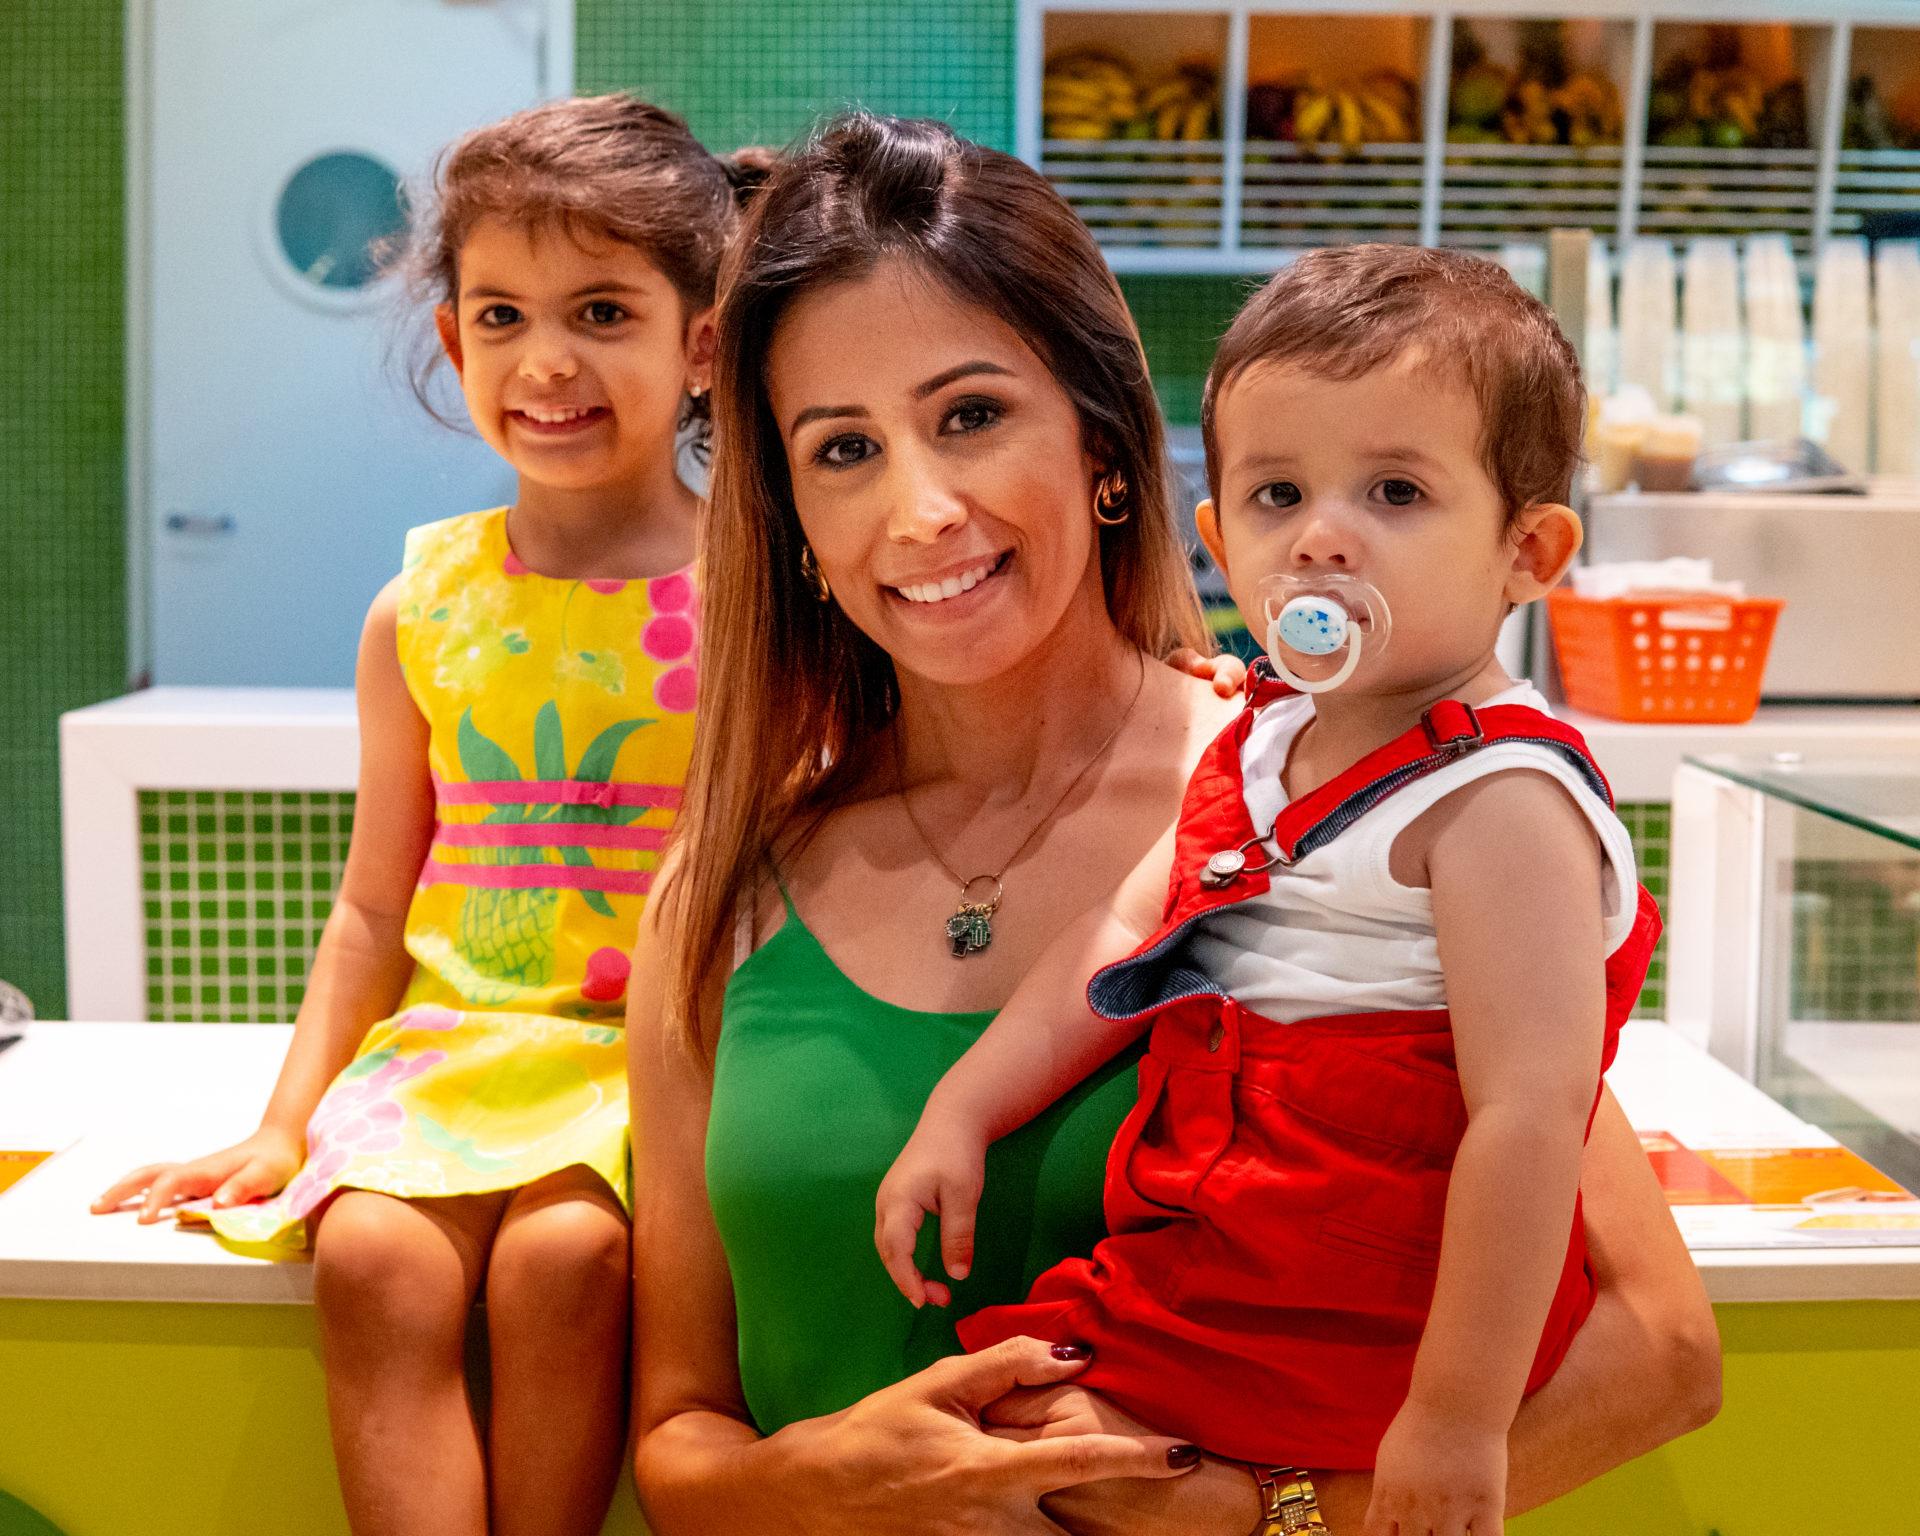 Mulher com duas crianças em frente a uma loja de sucos